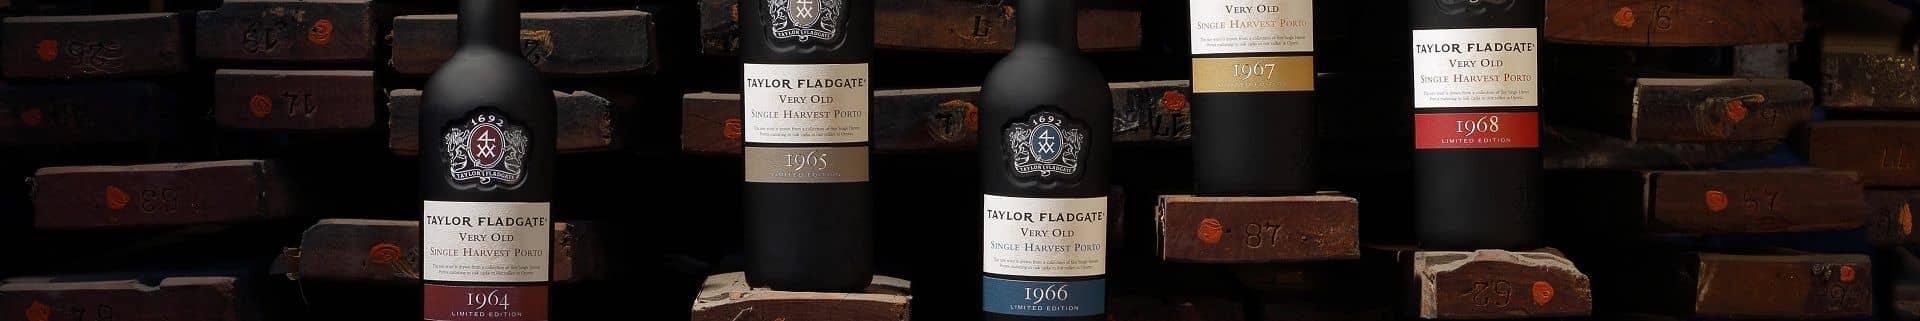 Single Harvest Port Wine bottles from Taylor Fladgate